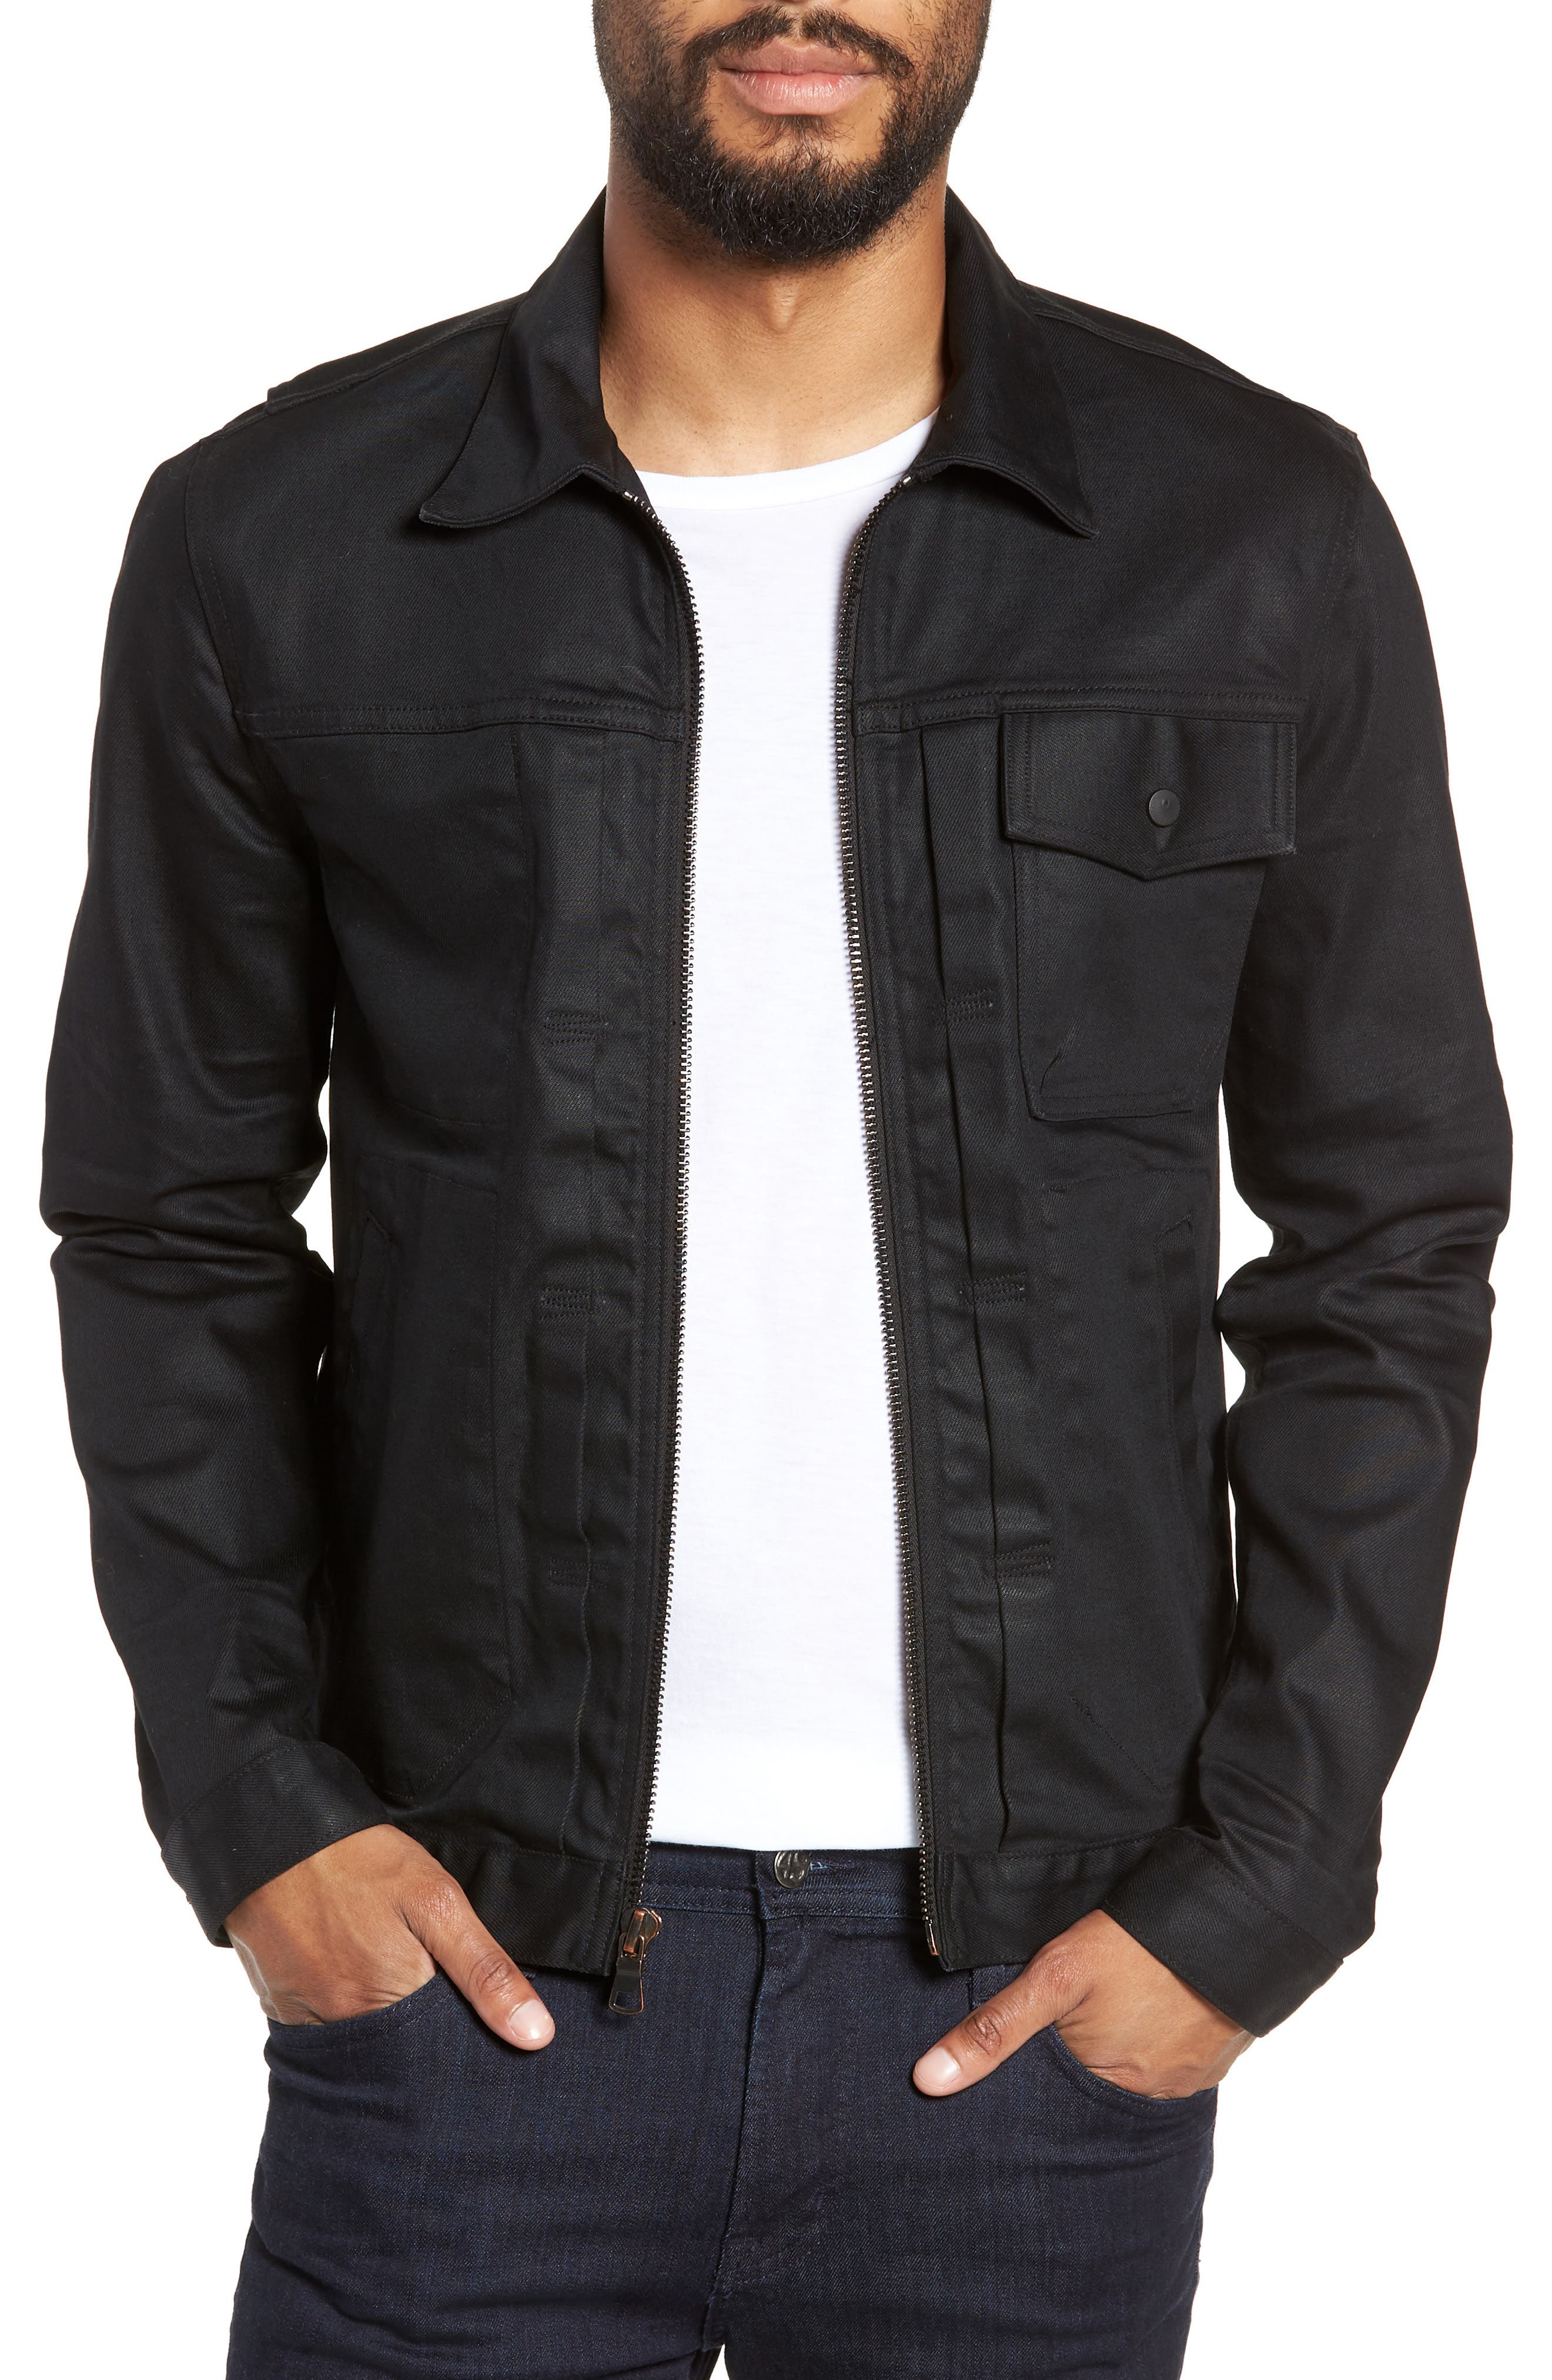 HUDSON JEANS Zip Denim Jacket, Main, color, ONYX